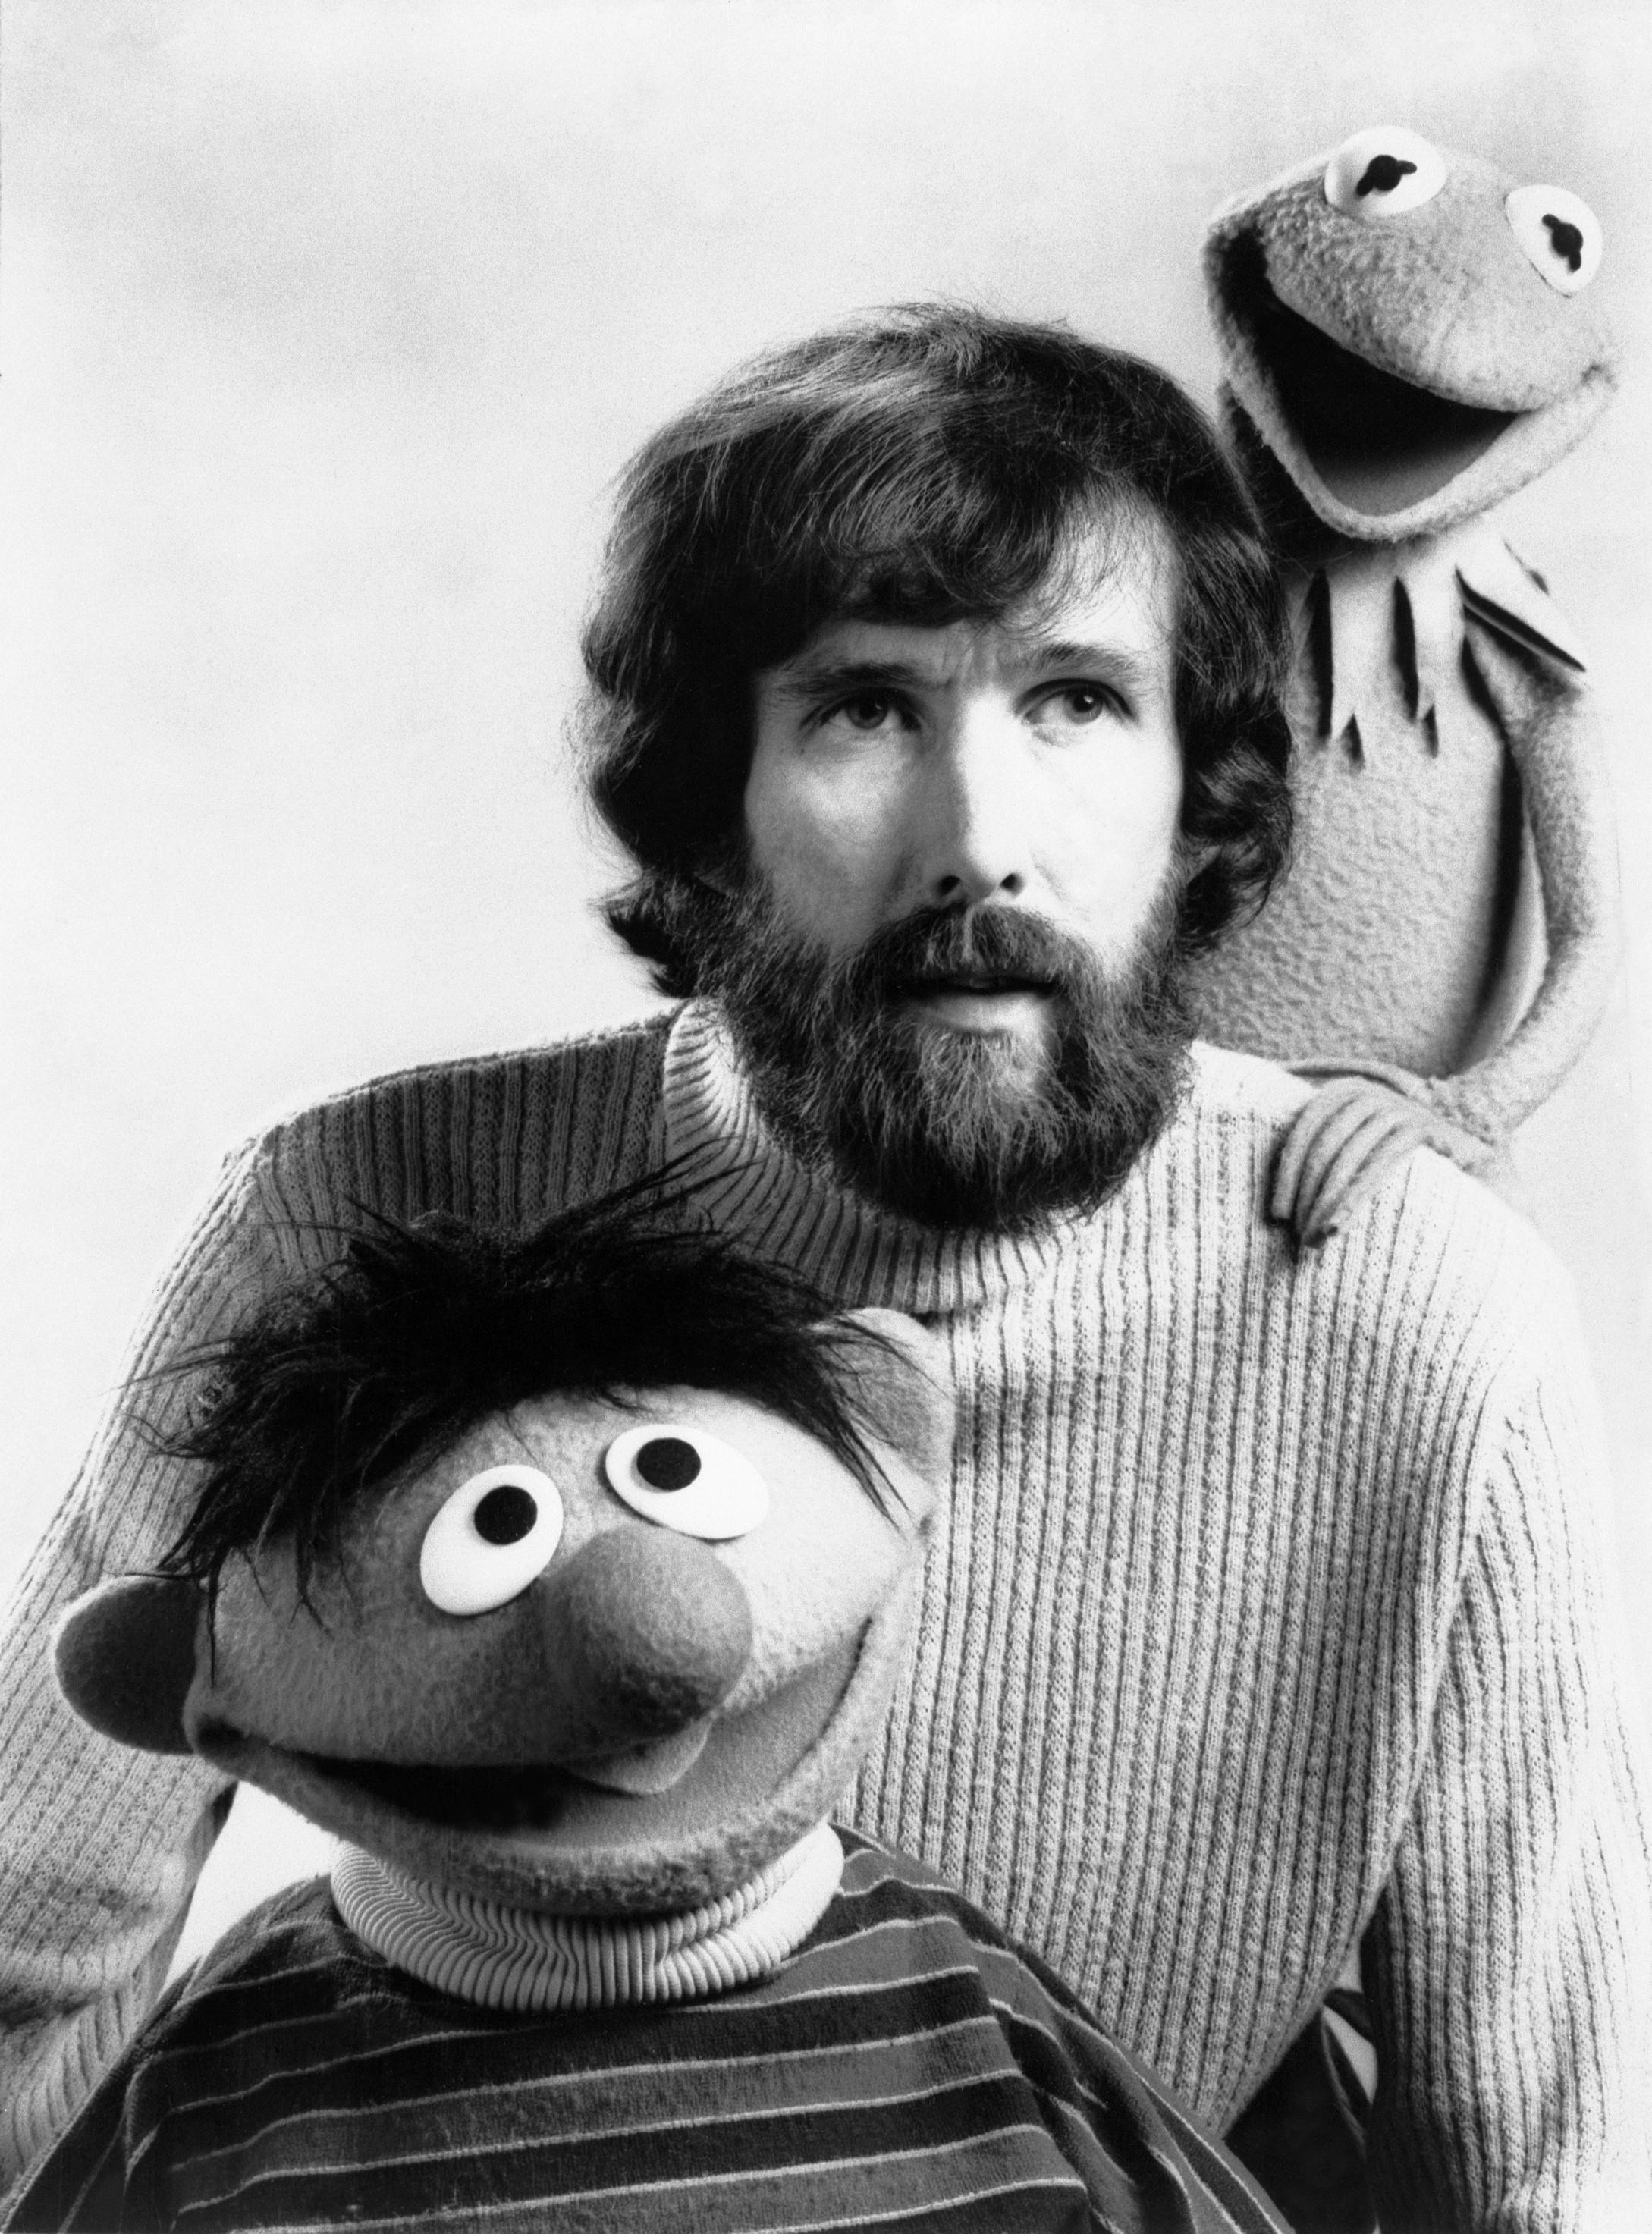 jim-henson-muppets-sesame-street-1573849569861.jpg